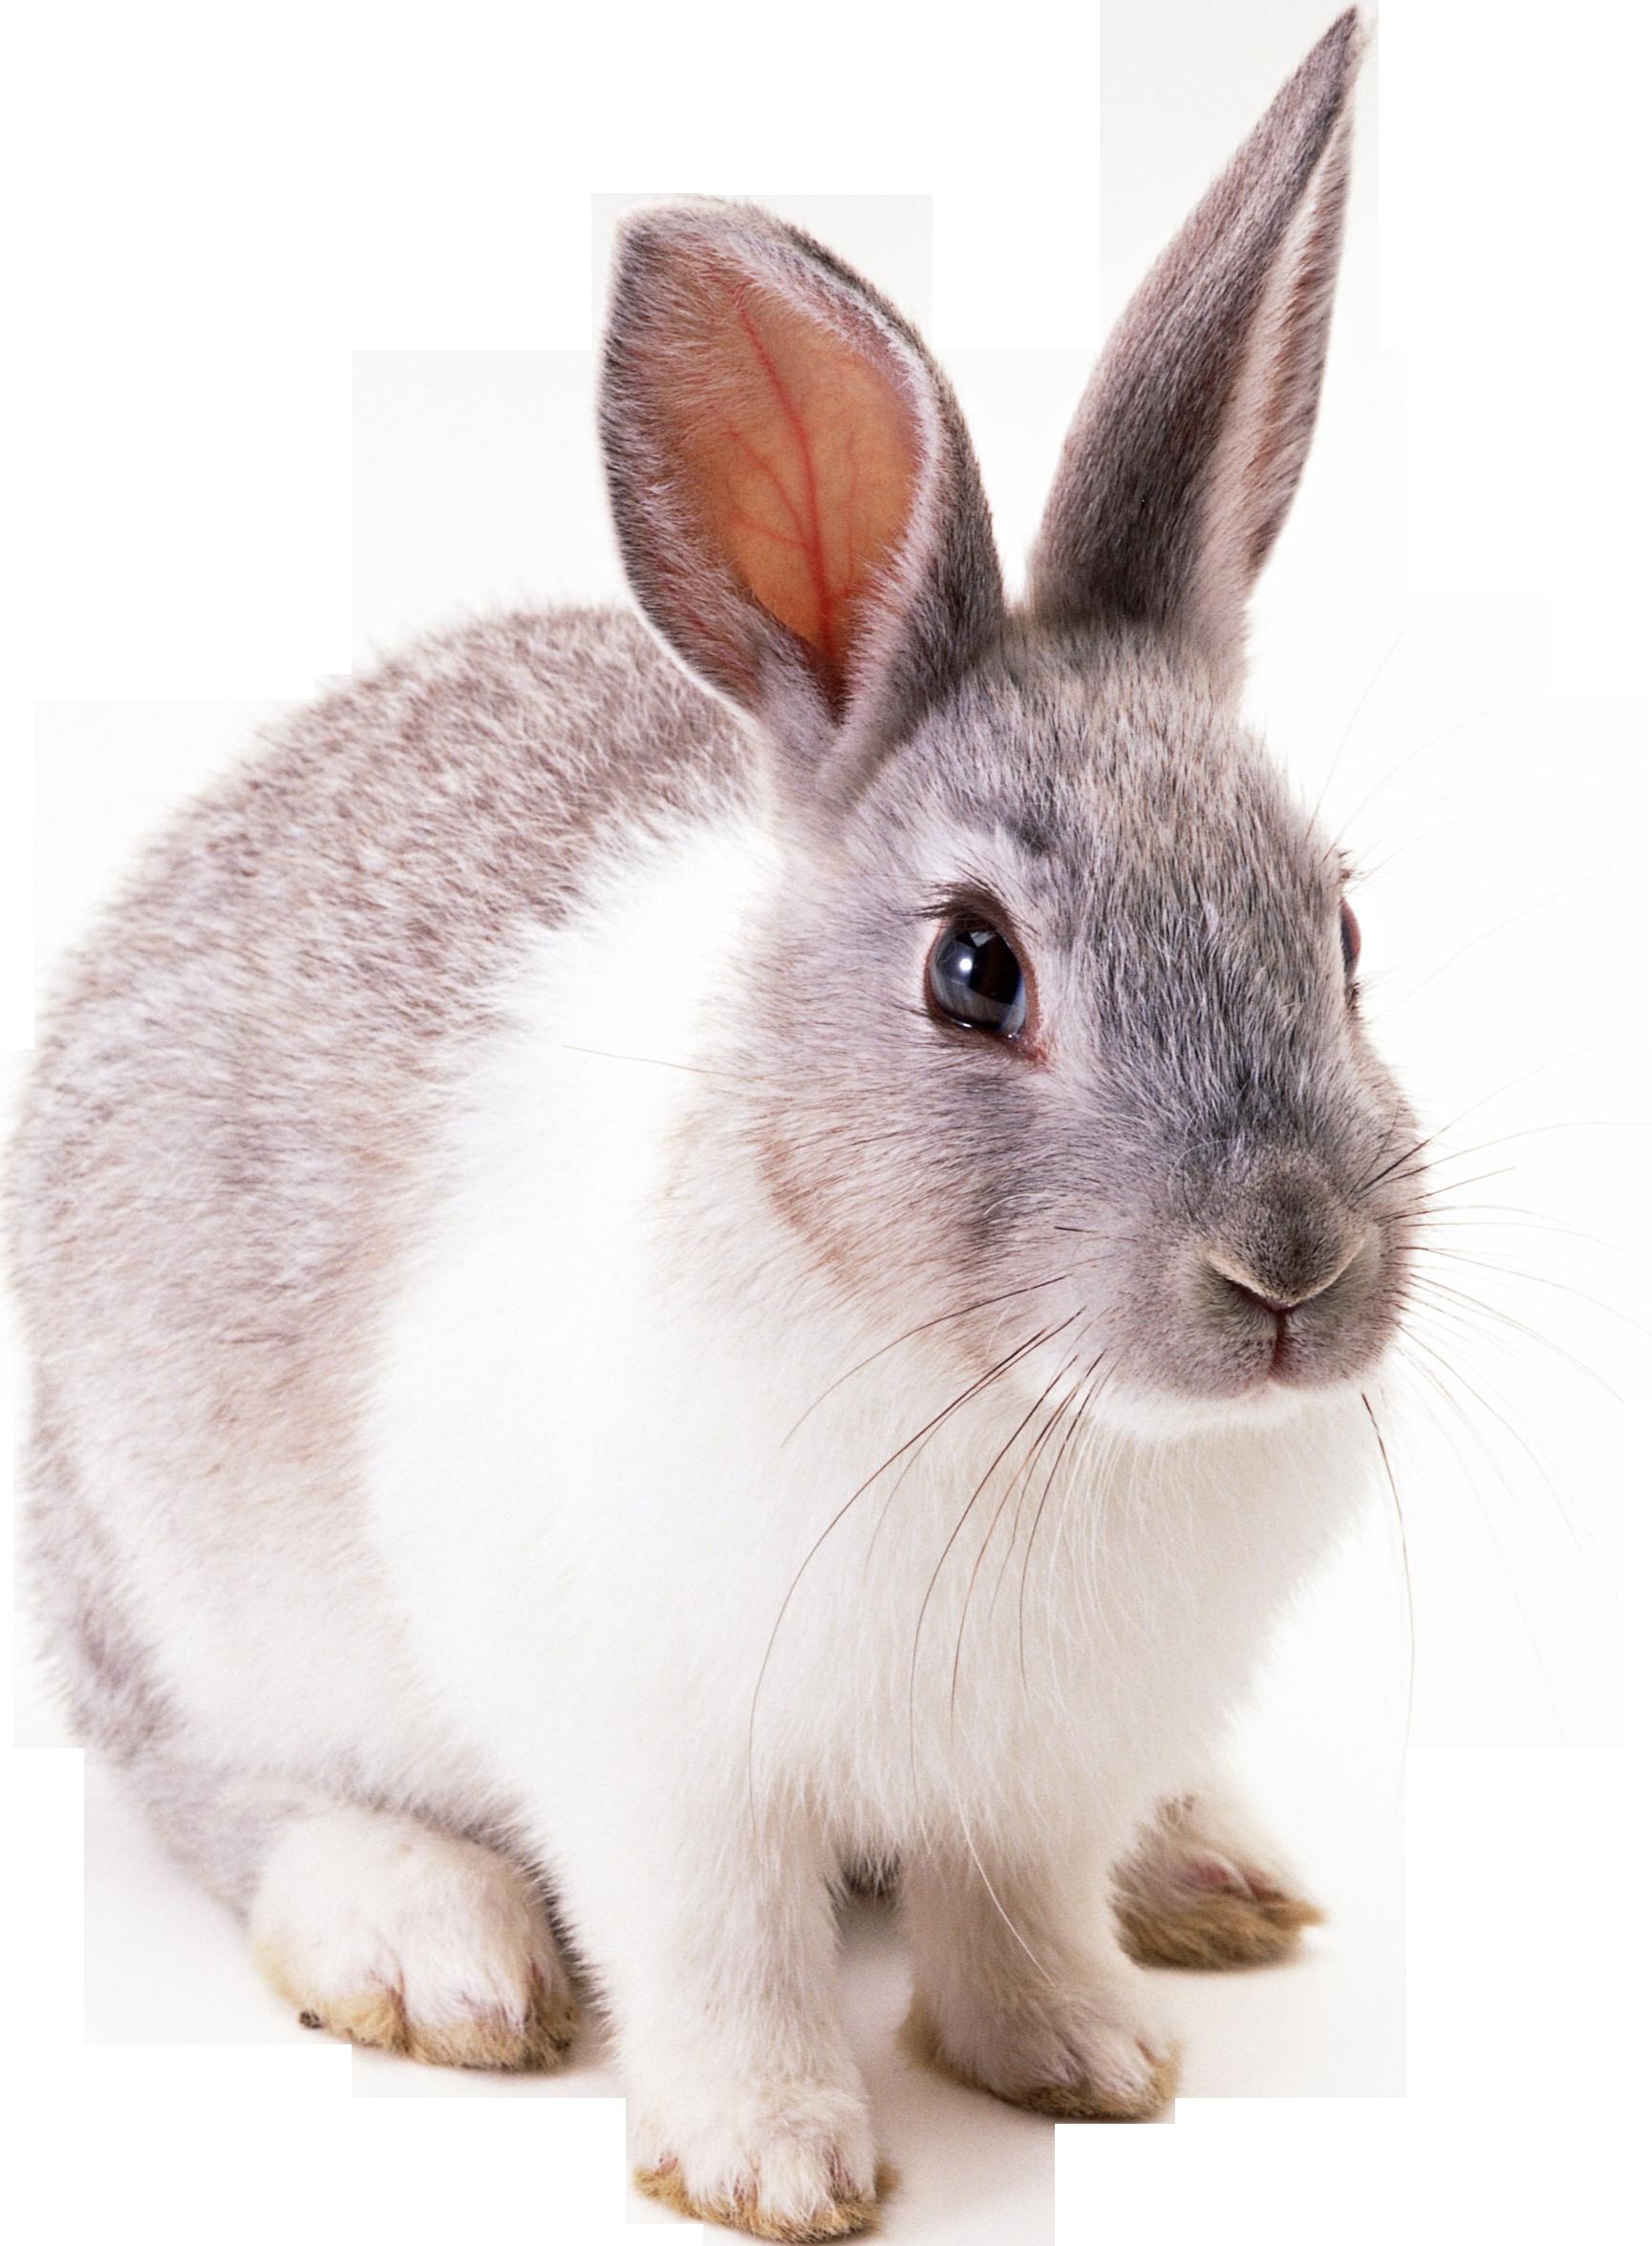 Rabbit HD PNG-PlusPNG.com-1729 - Rabbit HD PNG